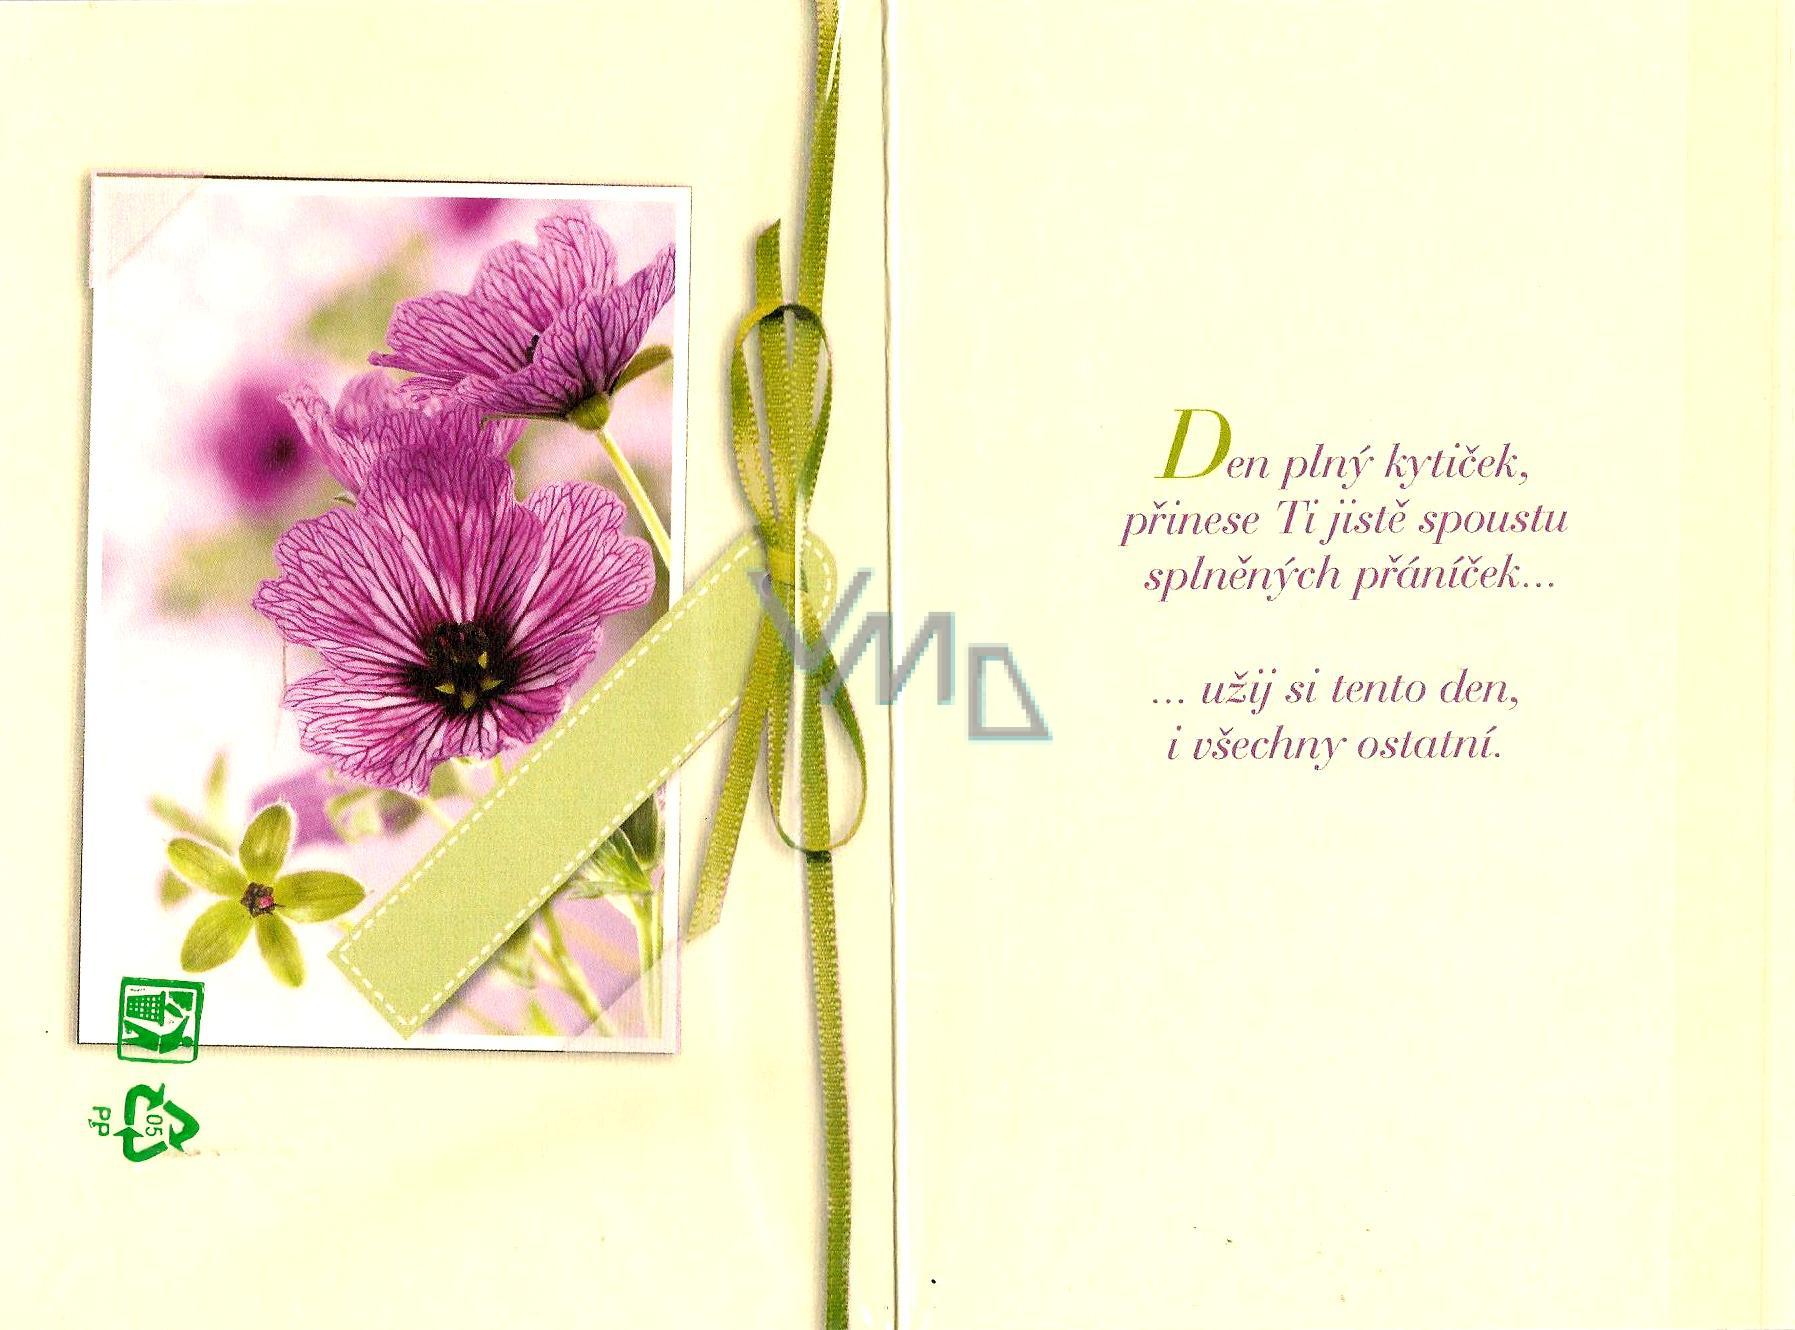 prianie k narozeninám Nekupto Přání k narozeninám fialové kytky   VMD drogerie prianie k narozeninám